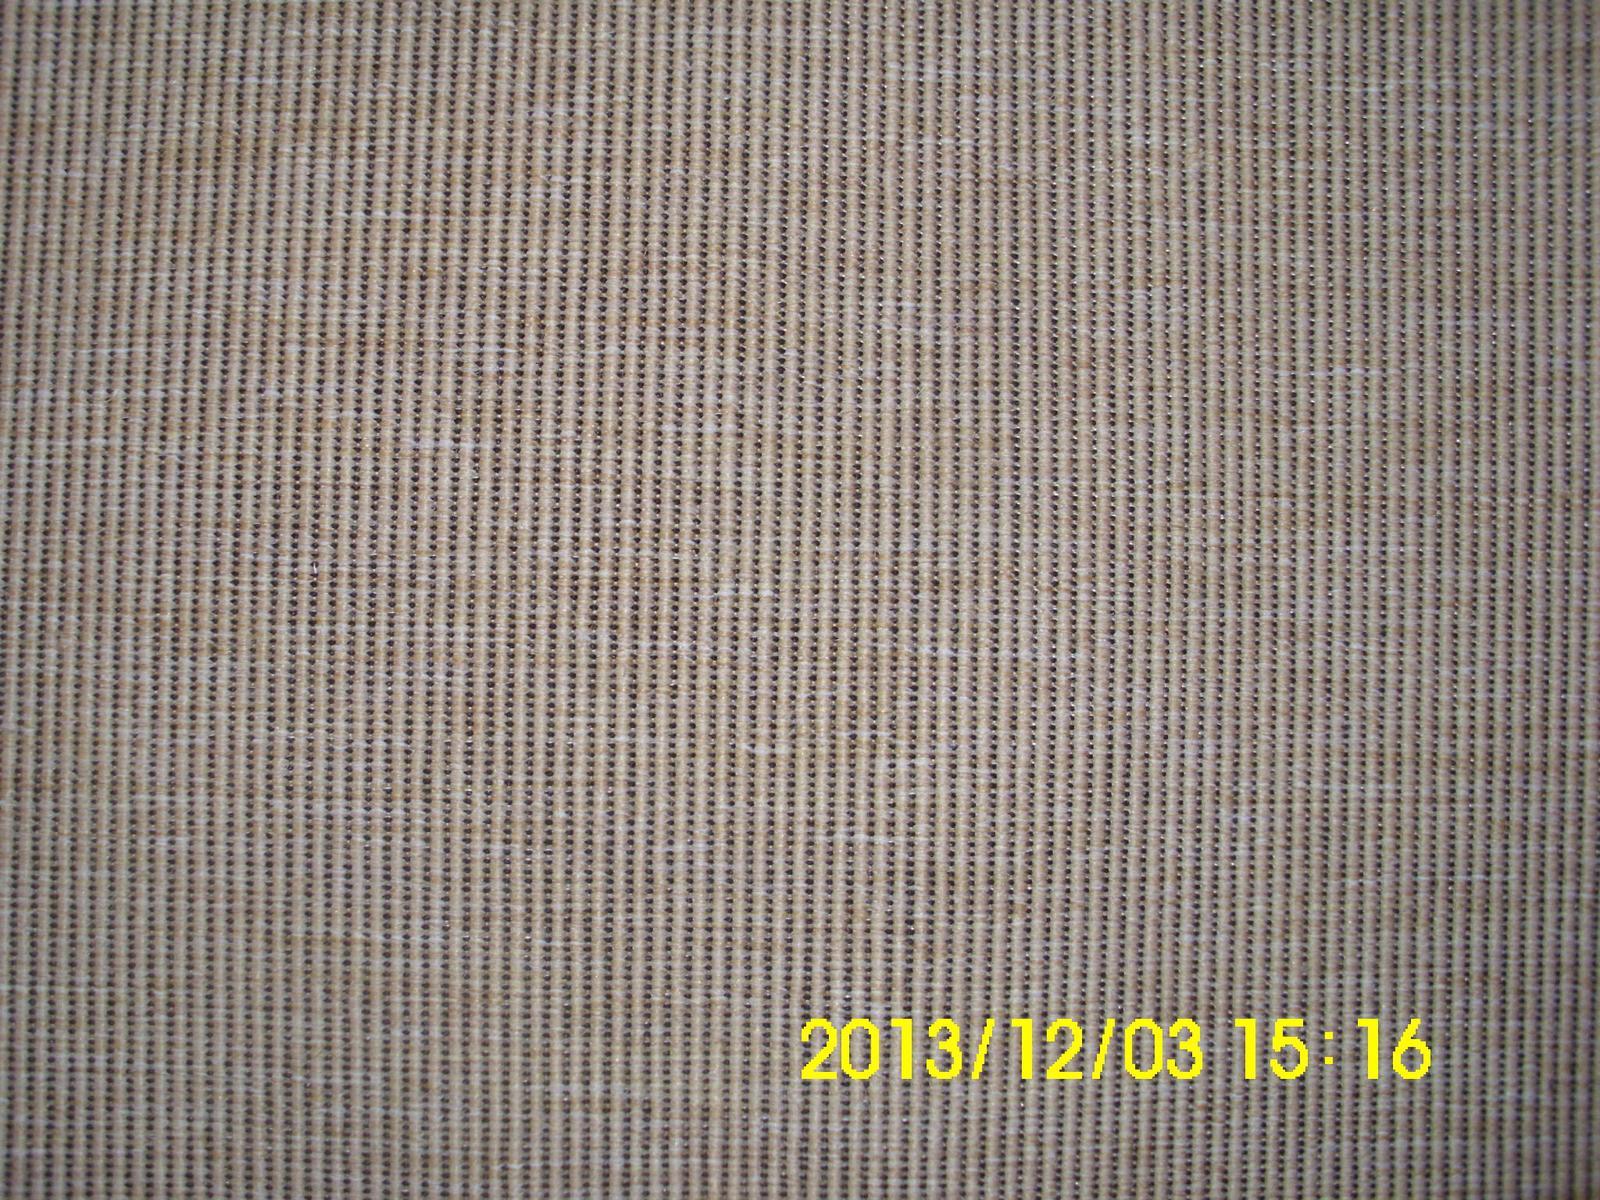 Mam na predaj pokrovec 60x90 cm - Obrázok č. 3